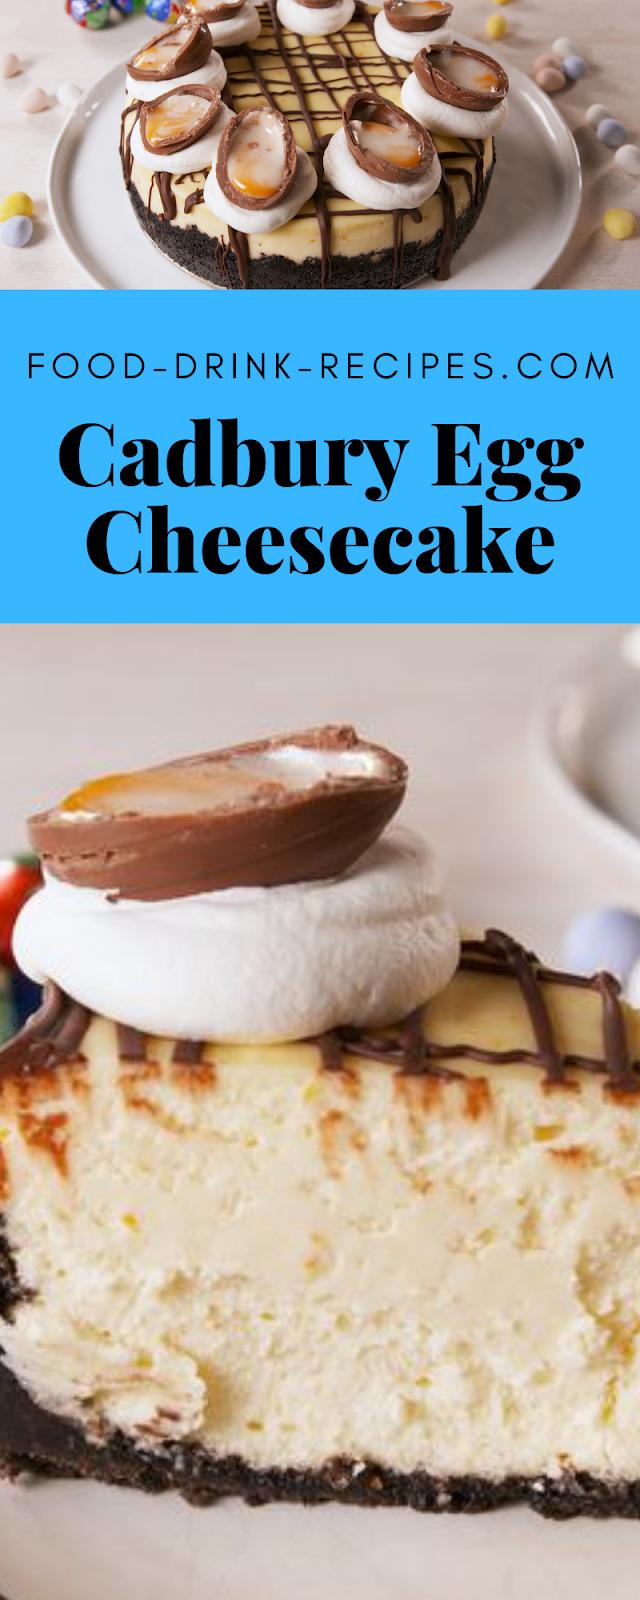 Cadbury Egg Cheesecake - food-drink-recipes.com